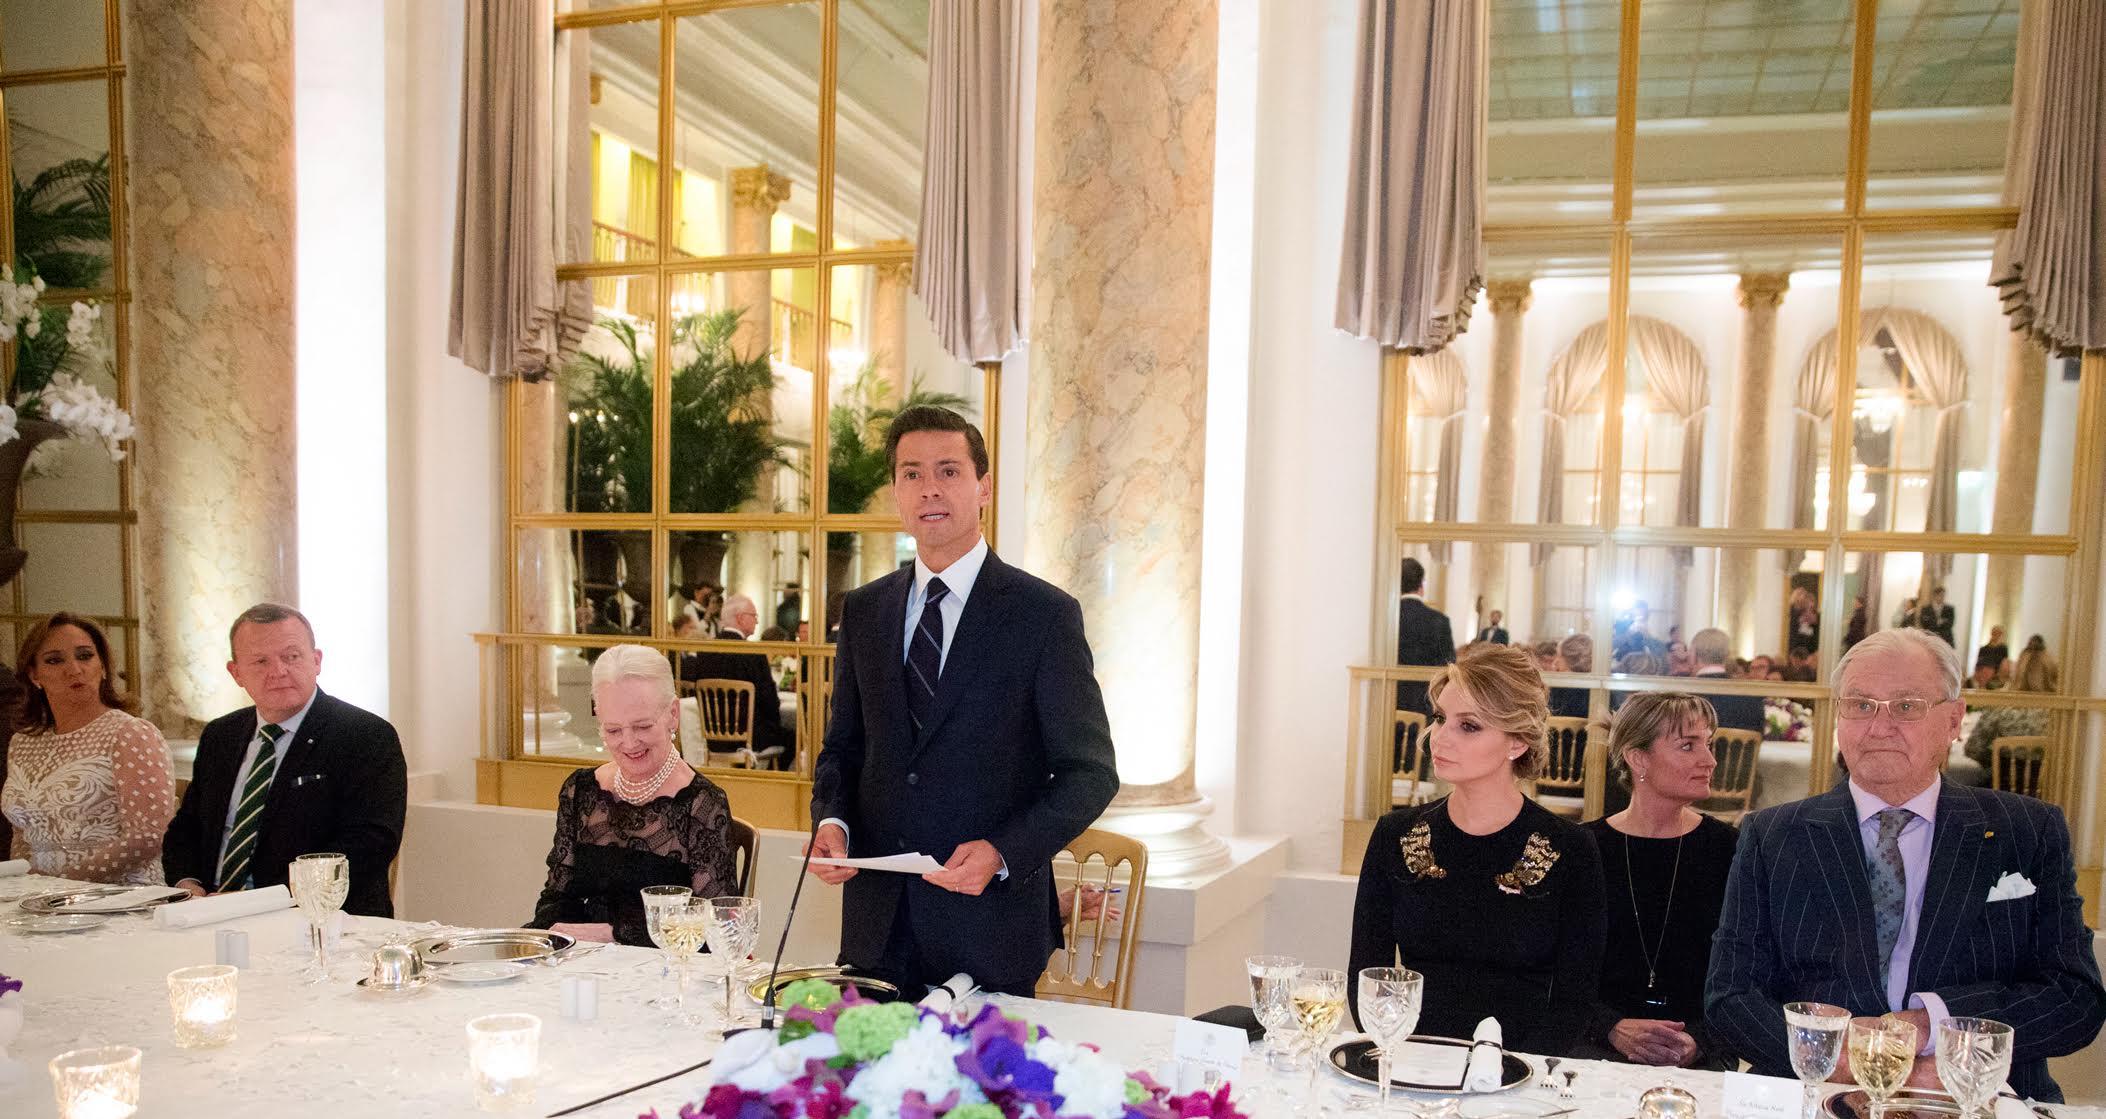 El Presidente Enrique Peña Nieto agradeció a Su Majestad la hospitalidad brindada a él, a su esposa Angélica Rivera de Peña y a los integrantes de su Comitiva, durante su estancia en Dinamarca.